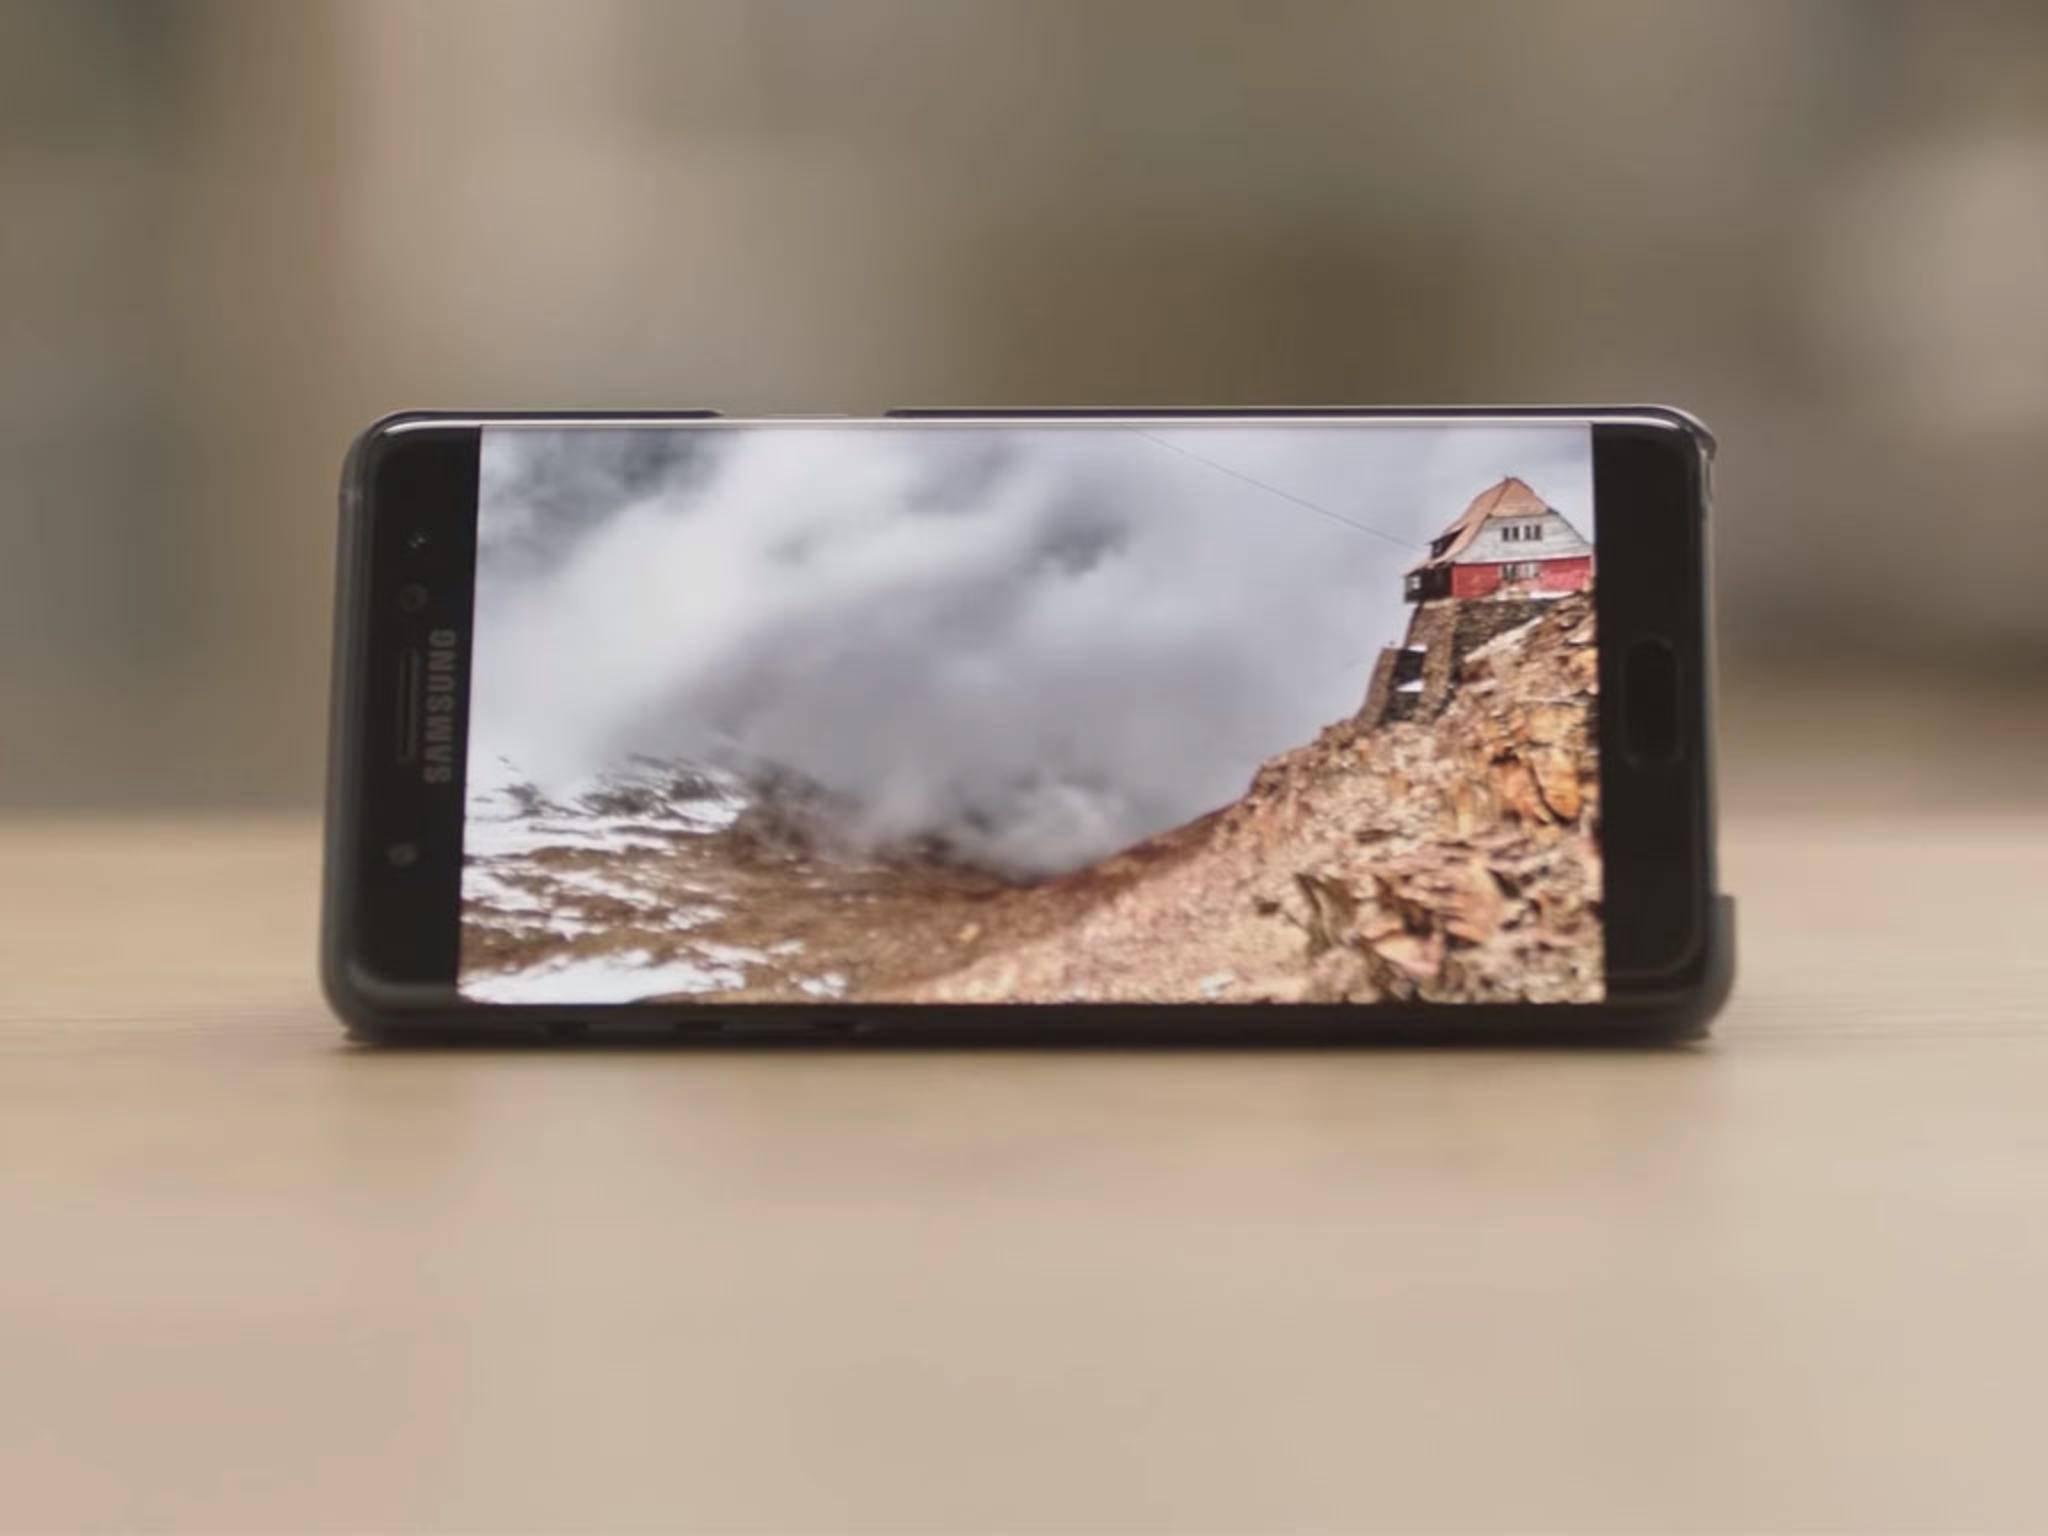 Samsung ruft das Galaxy Note 7 aufgrund eines bei wenigen Geräten defekten Akkus zurück.